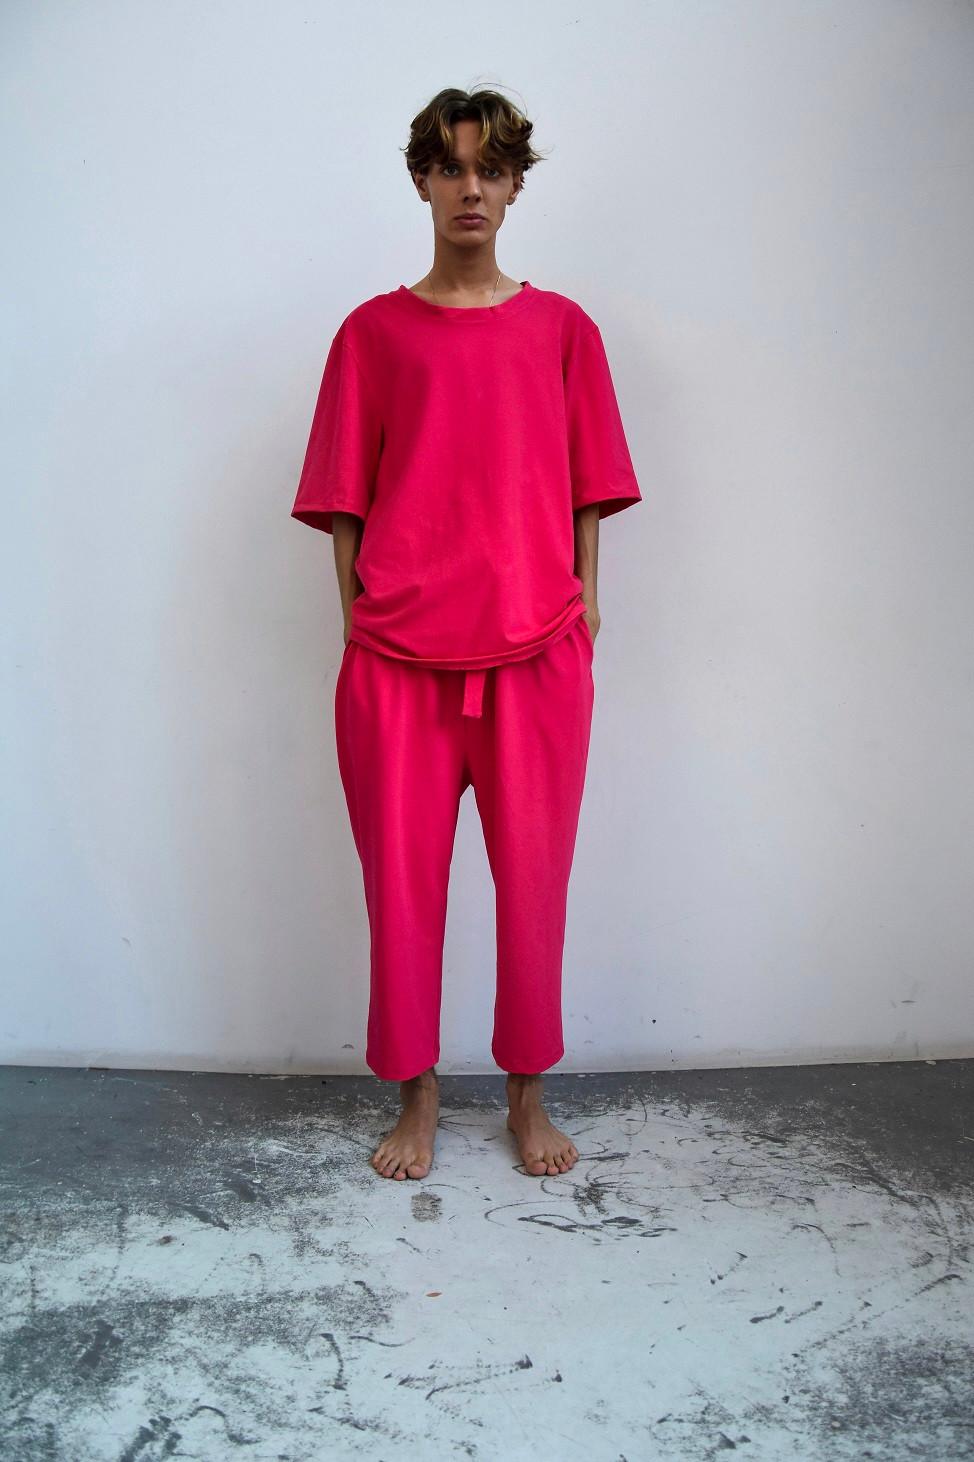 Spodnie z bawełny organicznej różowe - INAF.F | JestemSlow.pl